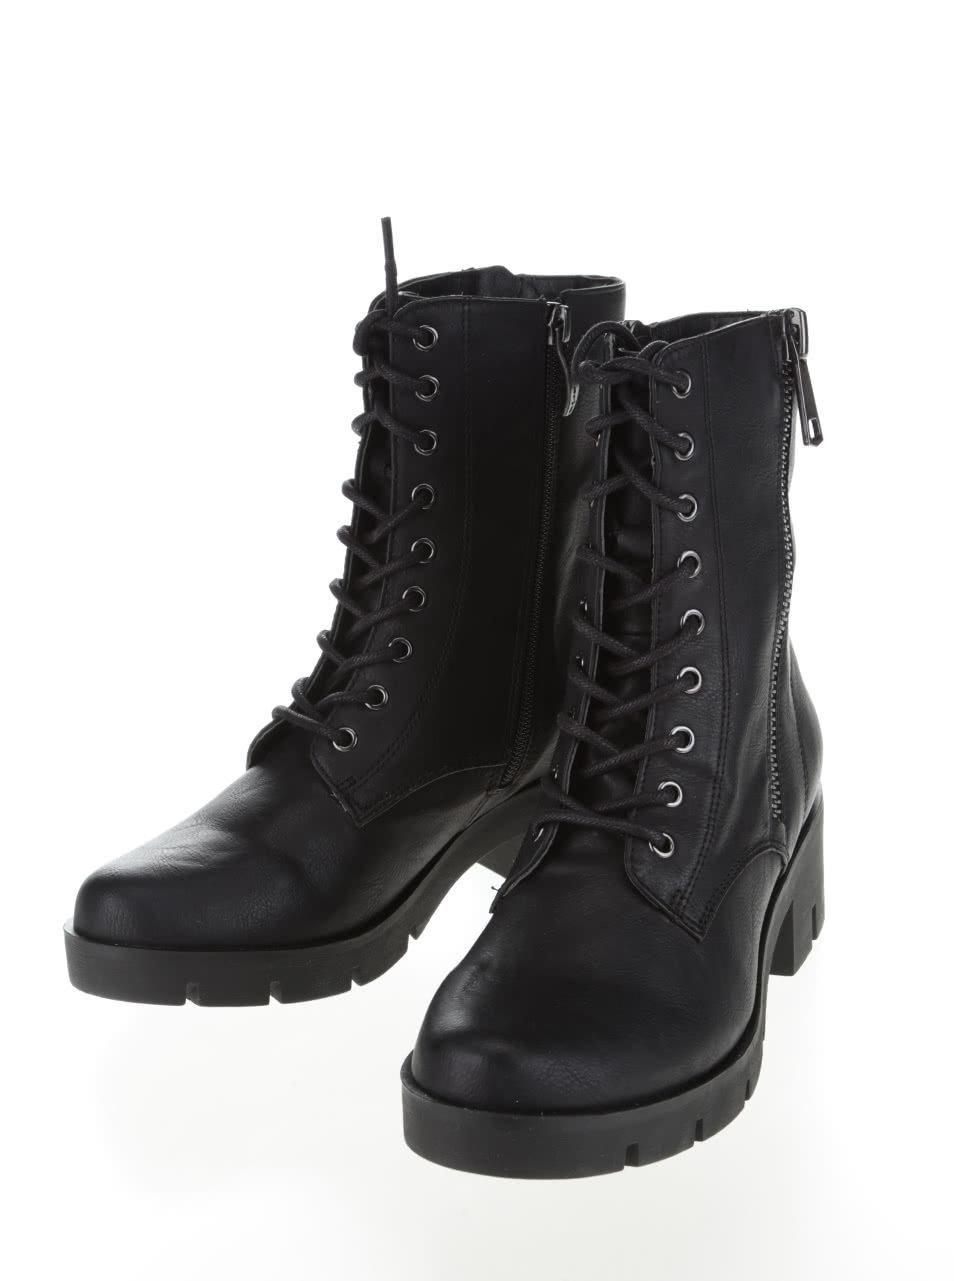 0aa1c1903be91 Čierne vyššie členkové topánky na šnurovanie Tamaris | ZOOT.sk